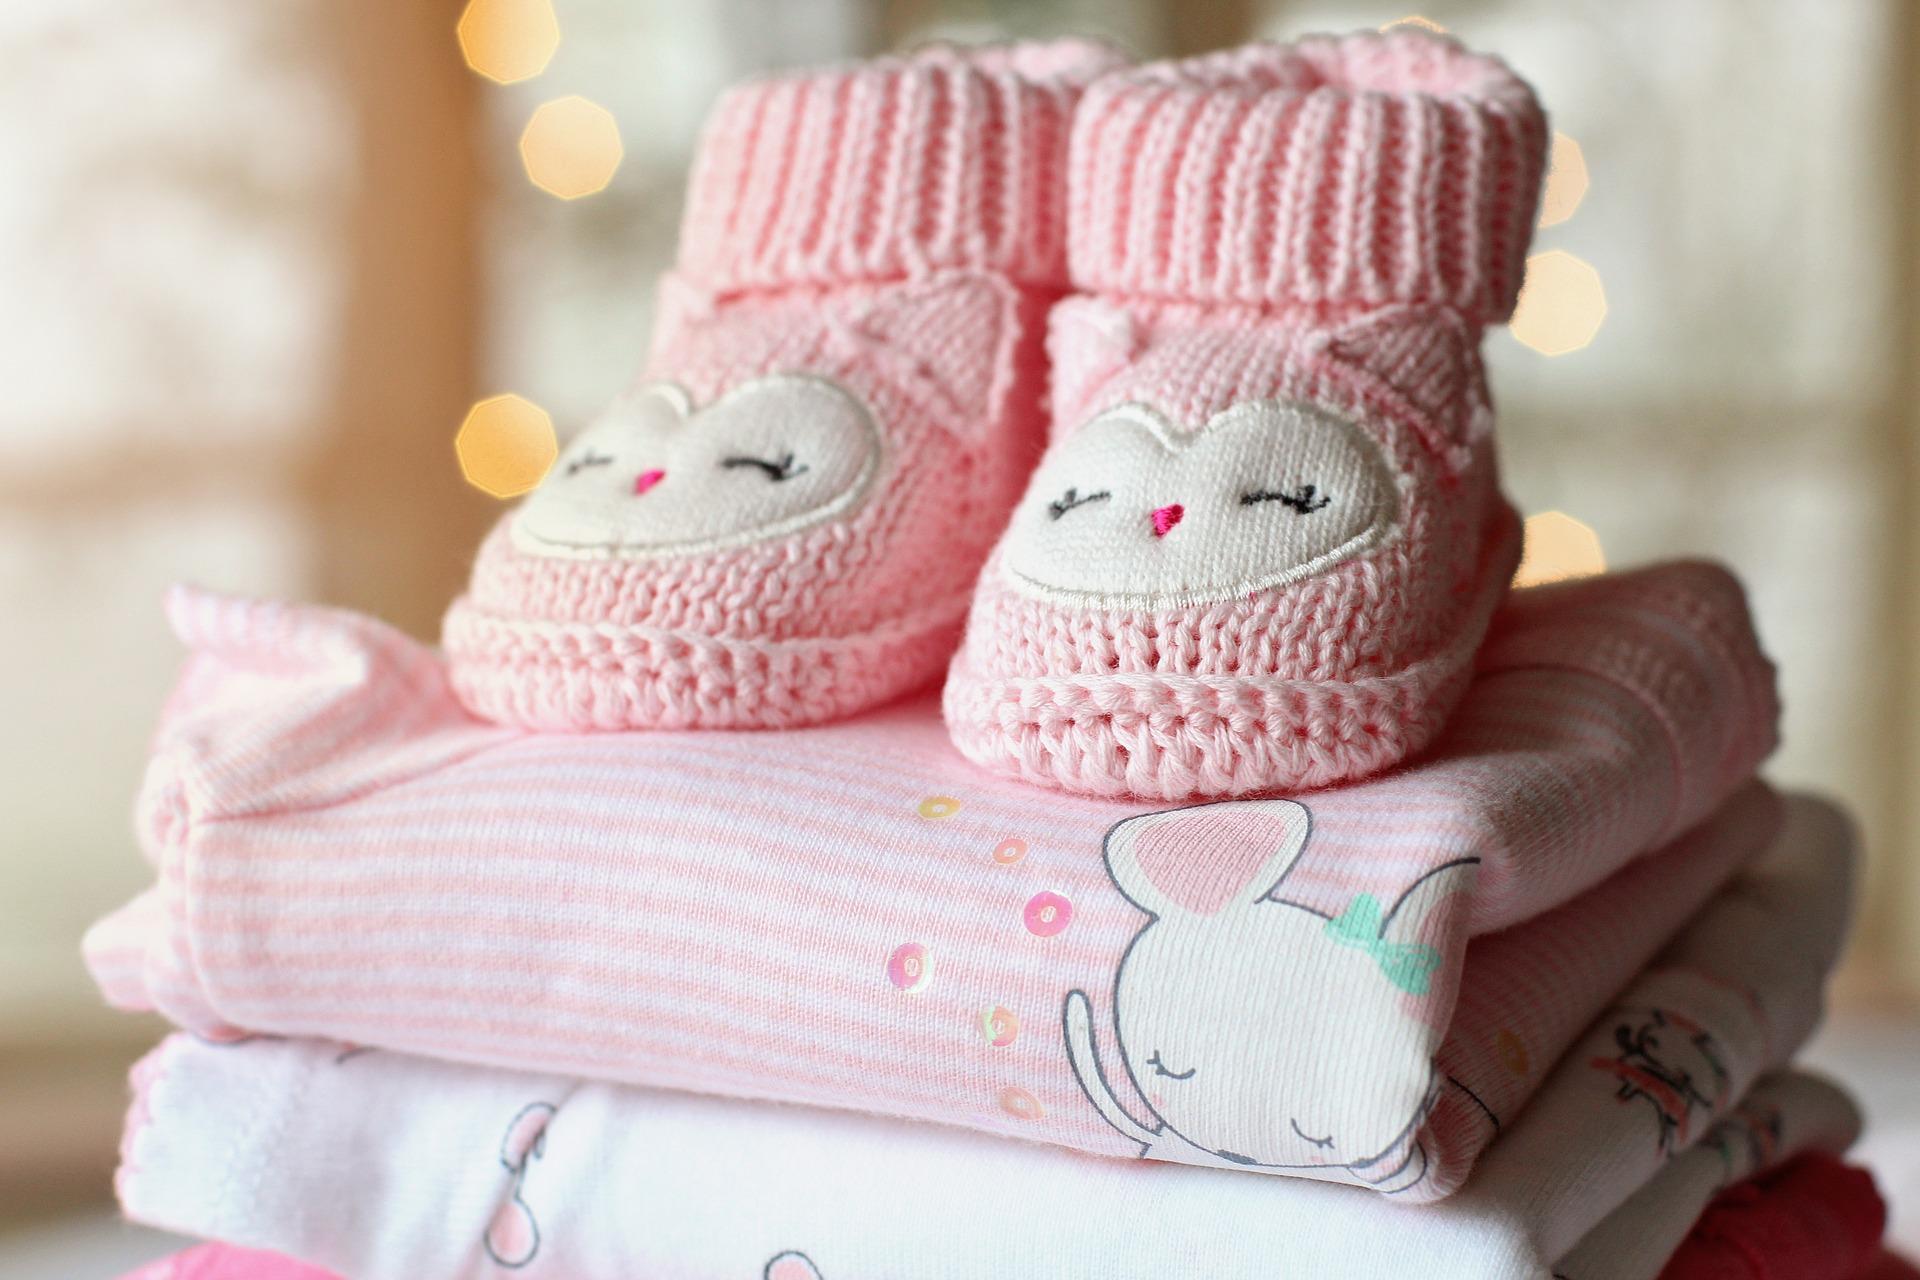 赤ちゃんだからこそ着せたい!かわいい洋服4選!